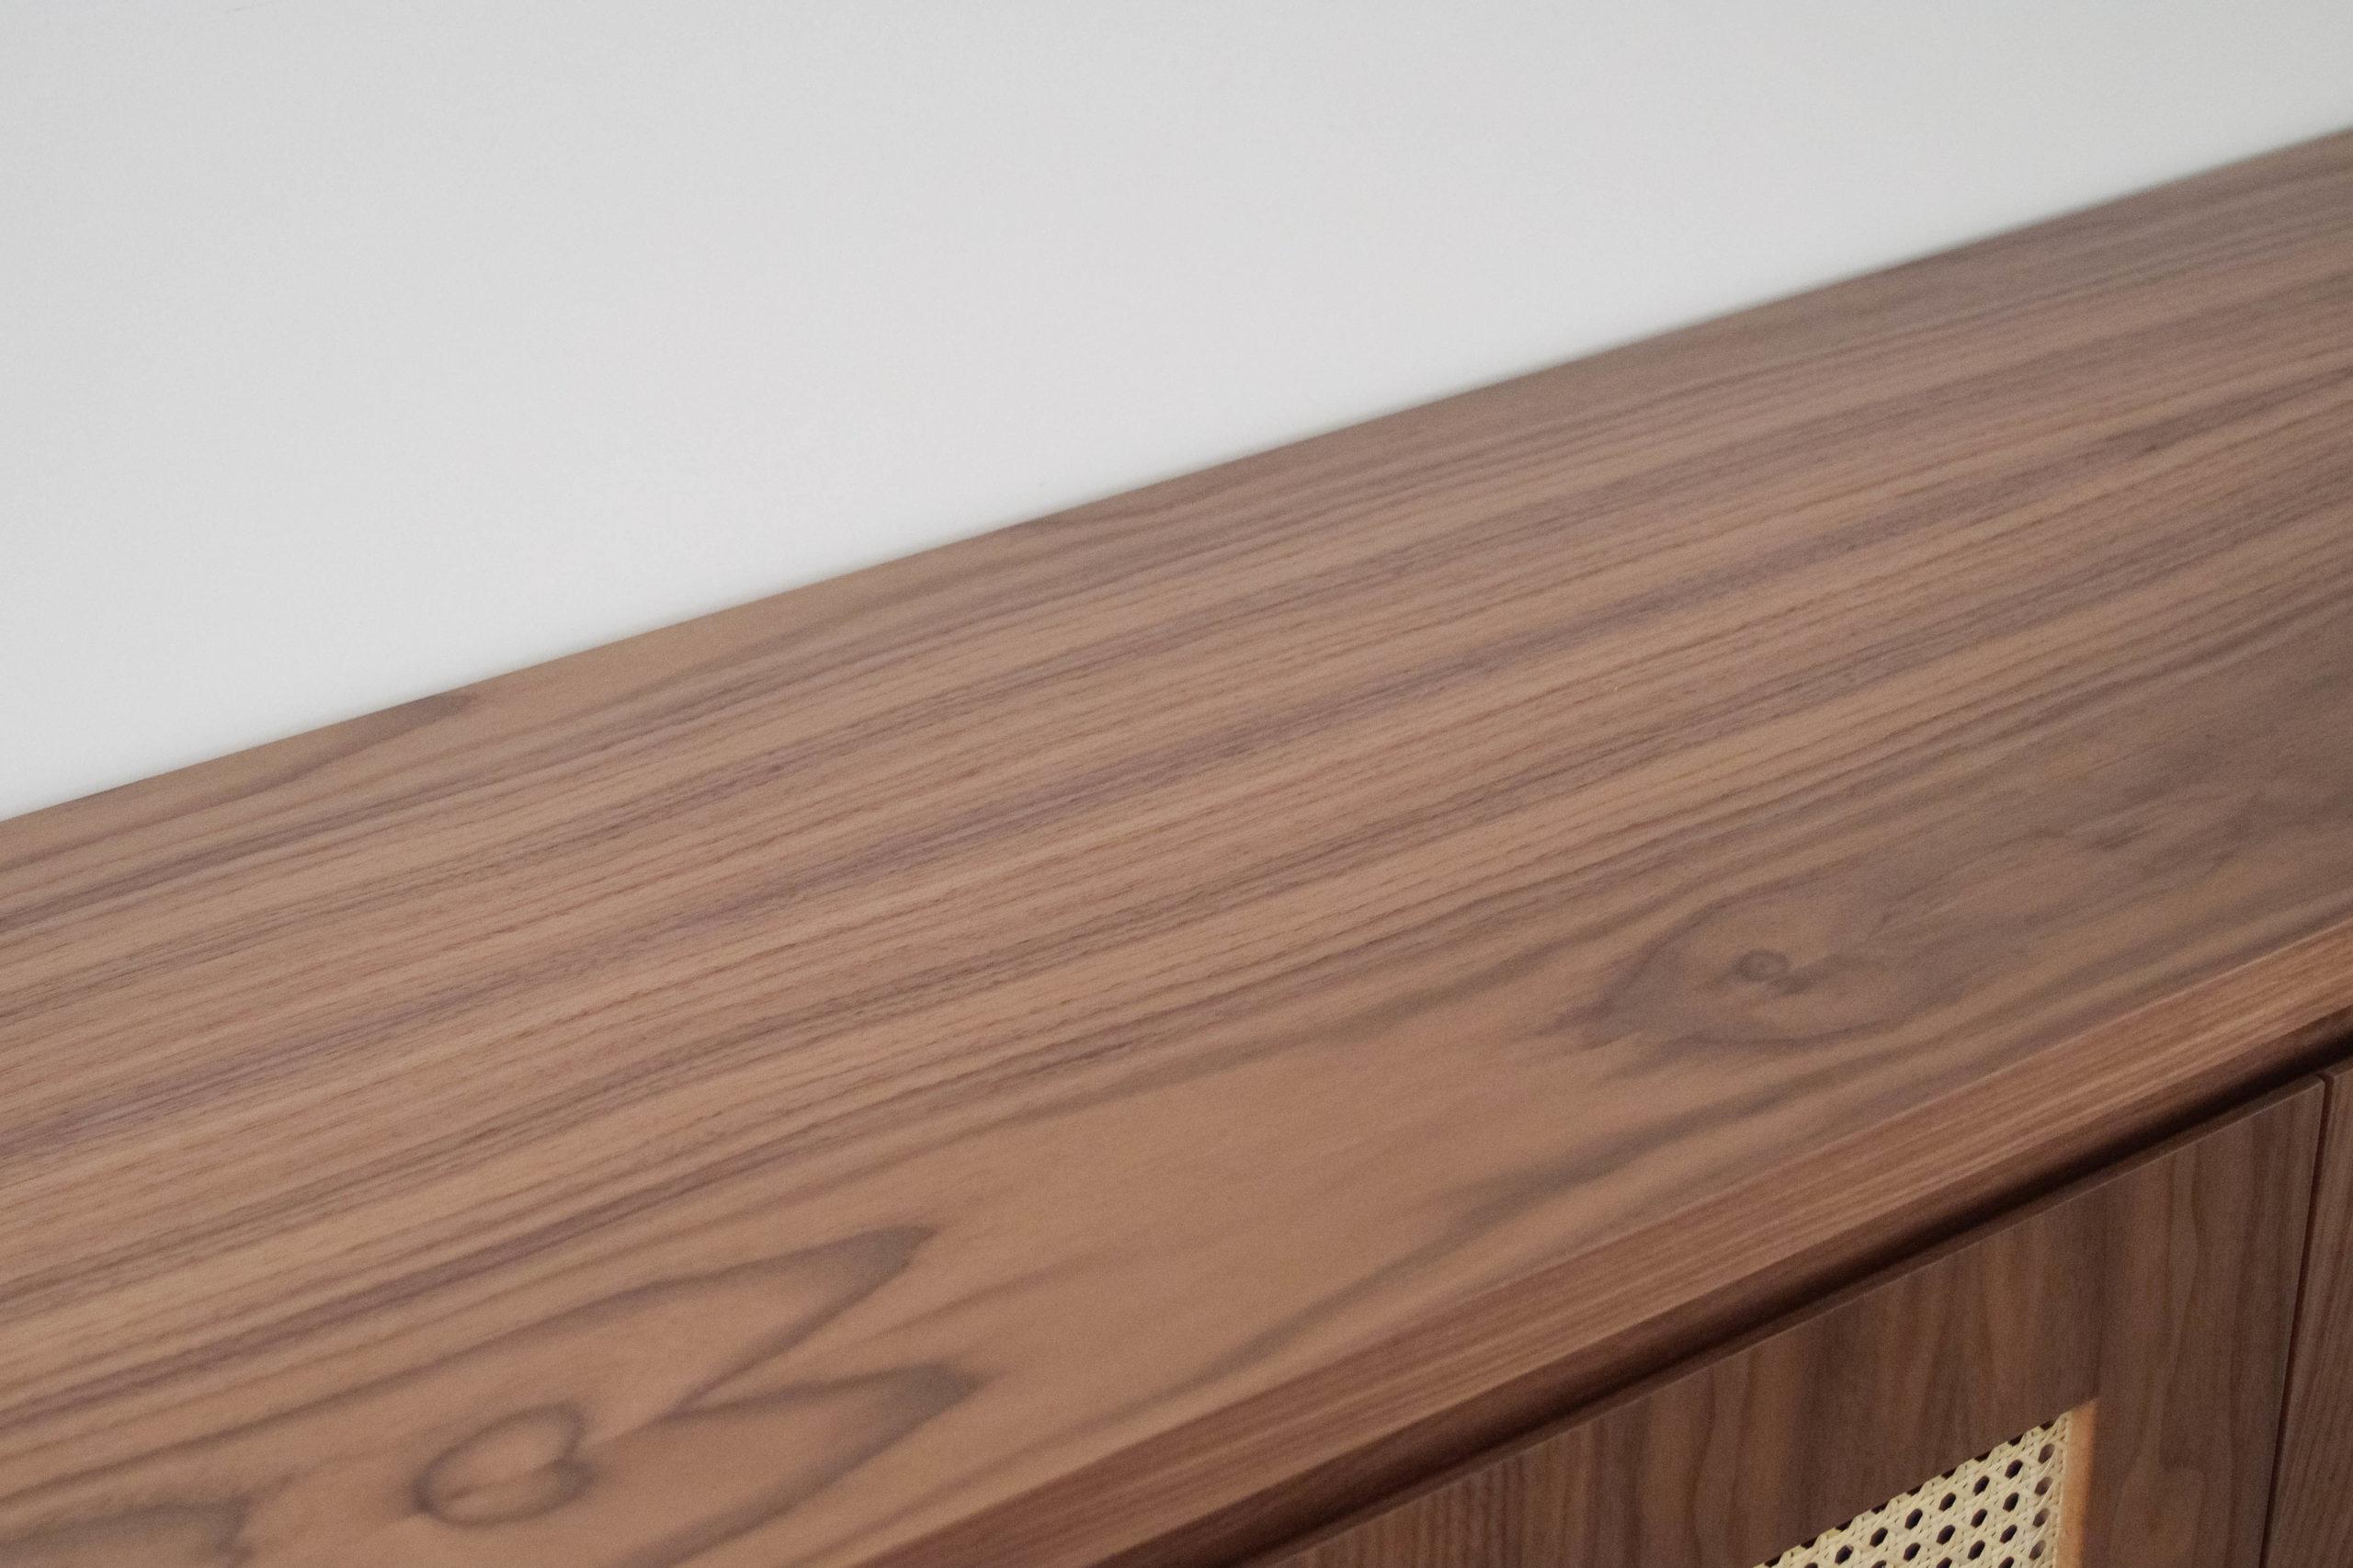 parte superior mueble diseño calidad madera